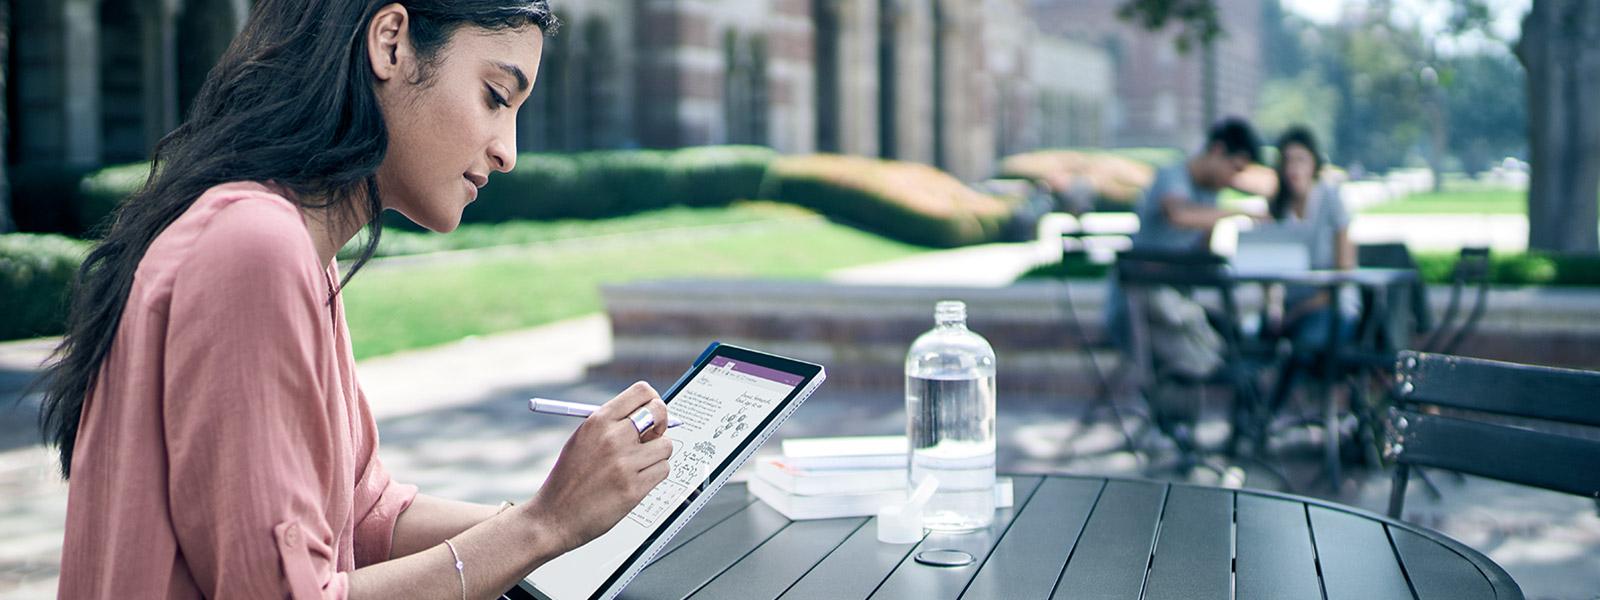 Nainen istuu ulkona ja käyttää Surface Pro 4:n kosketusnäyttöä tablettitilassa.